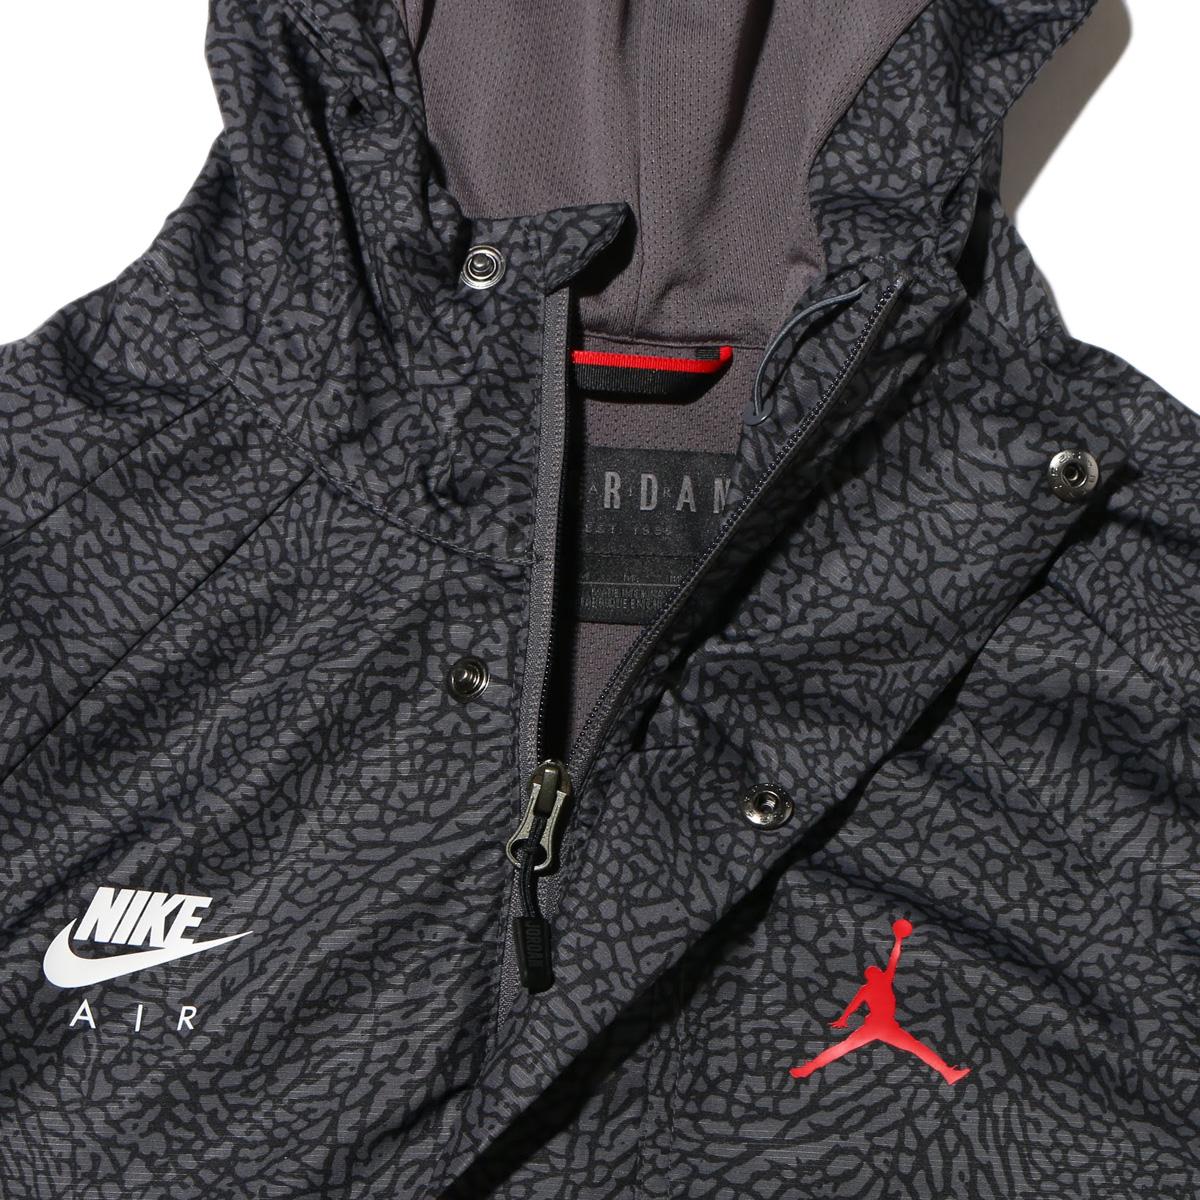 bec738b91d44 NIKE JSW WINGS 1988 ANORAK JKT (1988 Nike Jordan JSW wings anorak jackets)  (DARK GREY GYM RED)